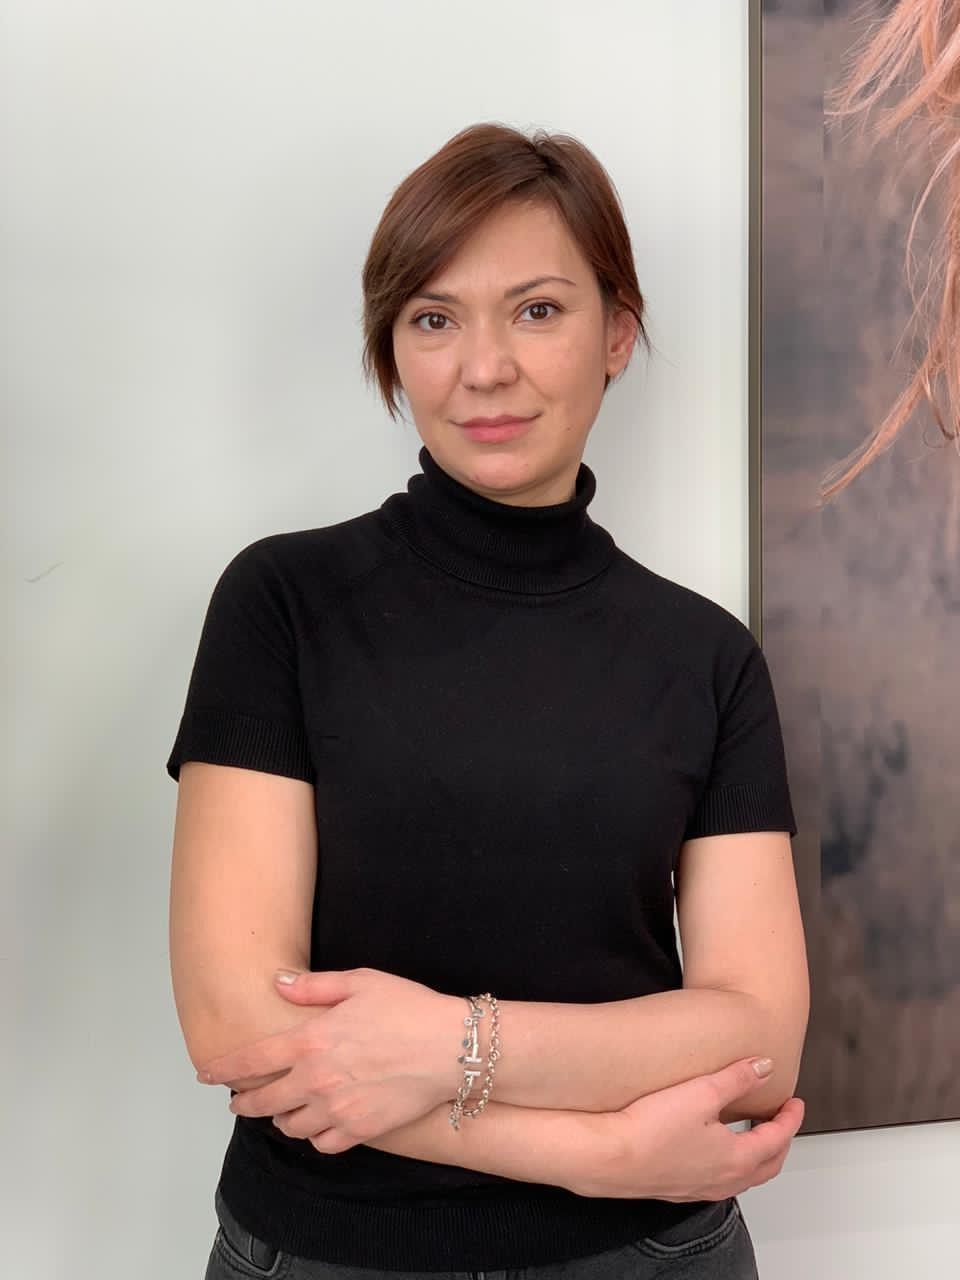 Ташмухамедова Лола, стилист